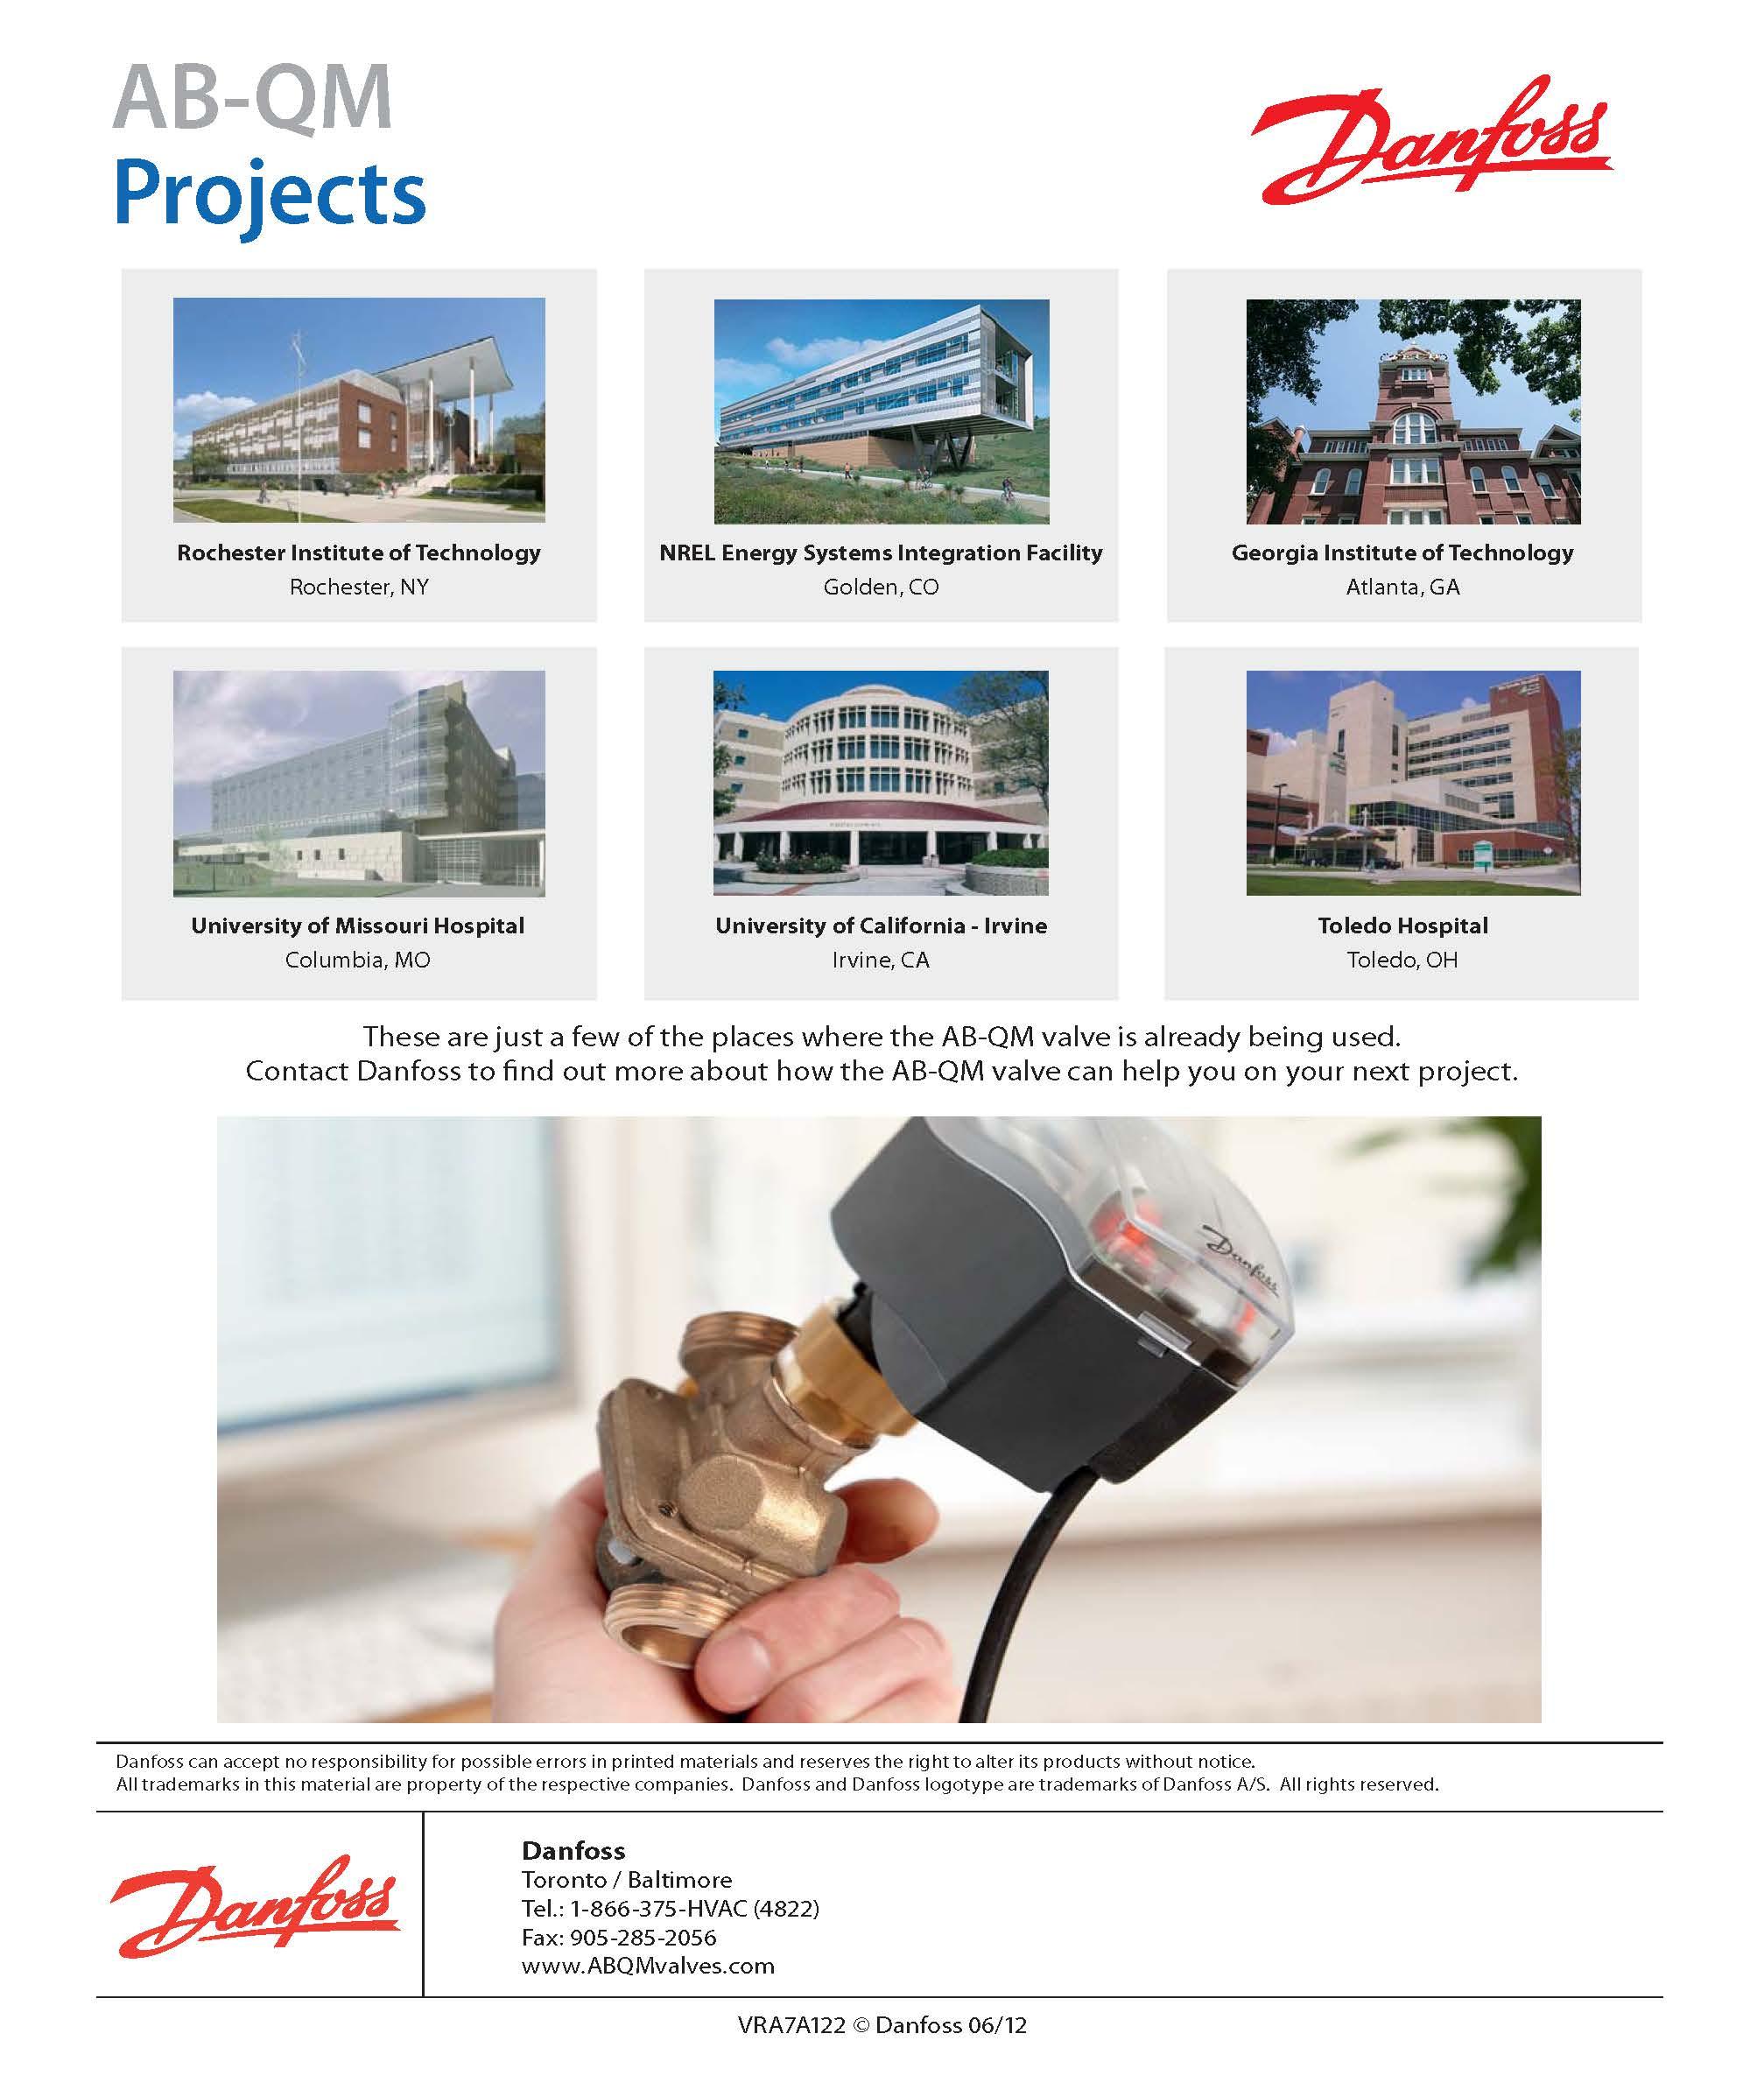 AB-QM Brochure - VRA7A122 - 6-12_Page_8.jpg